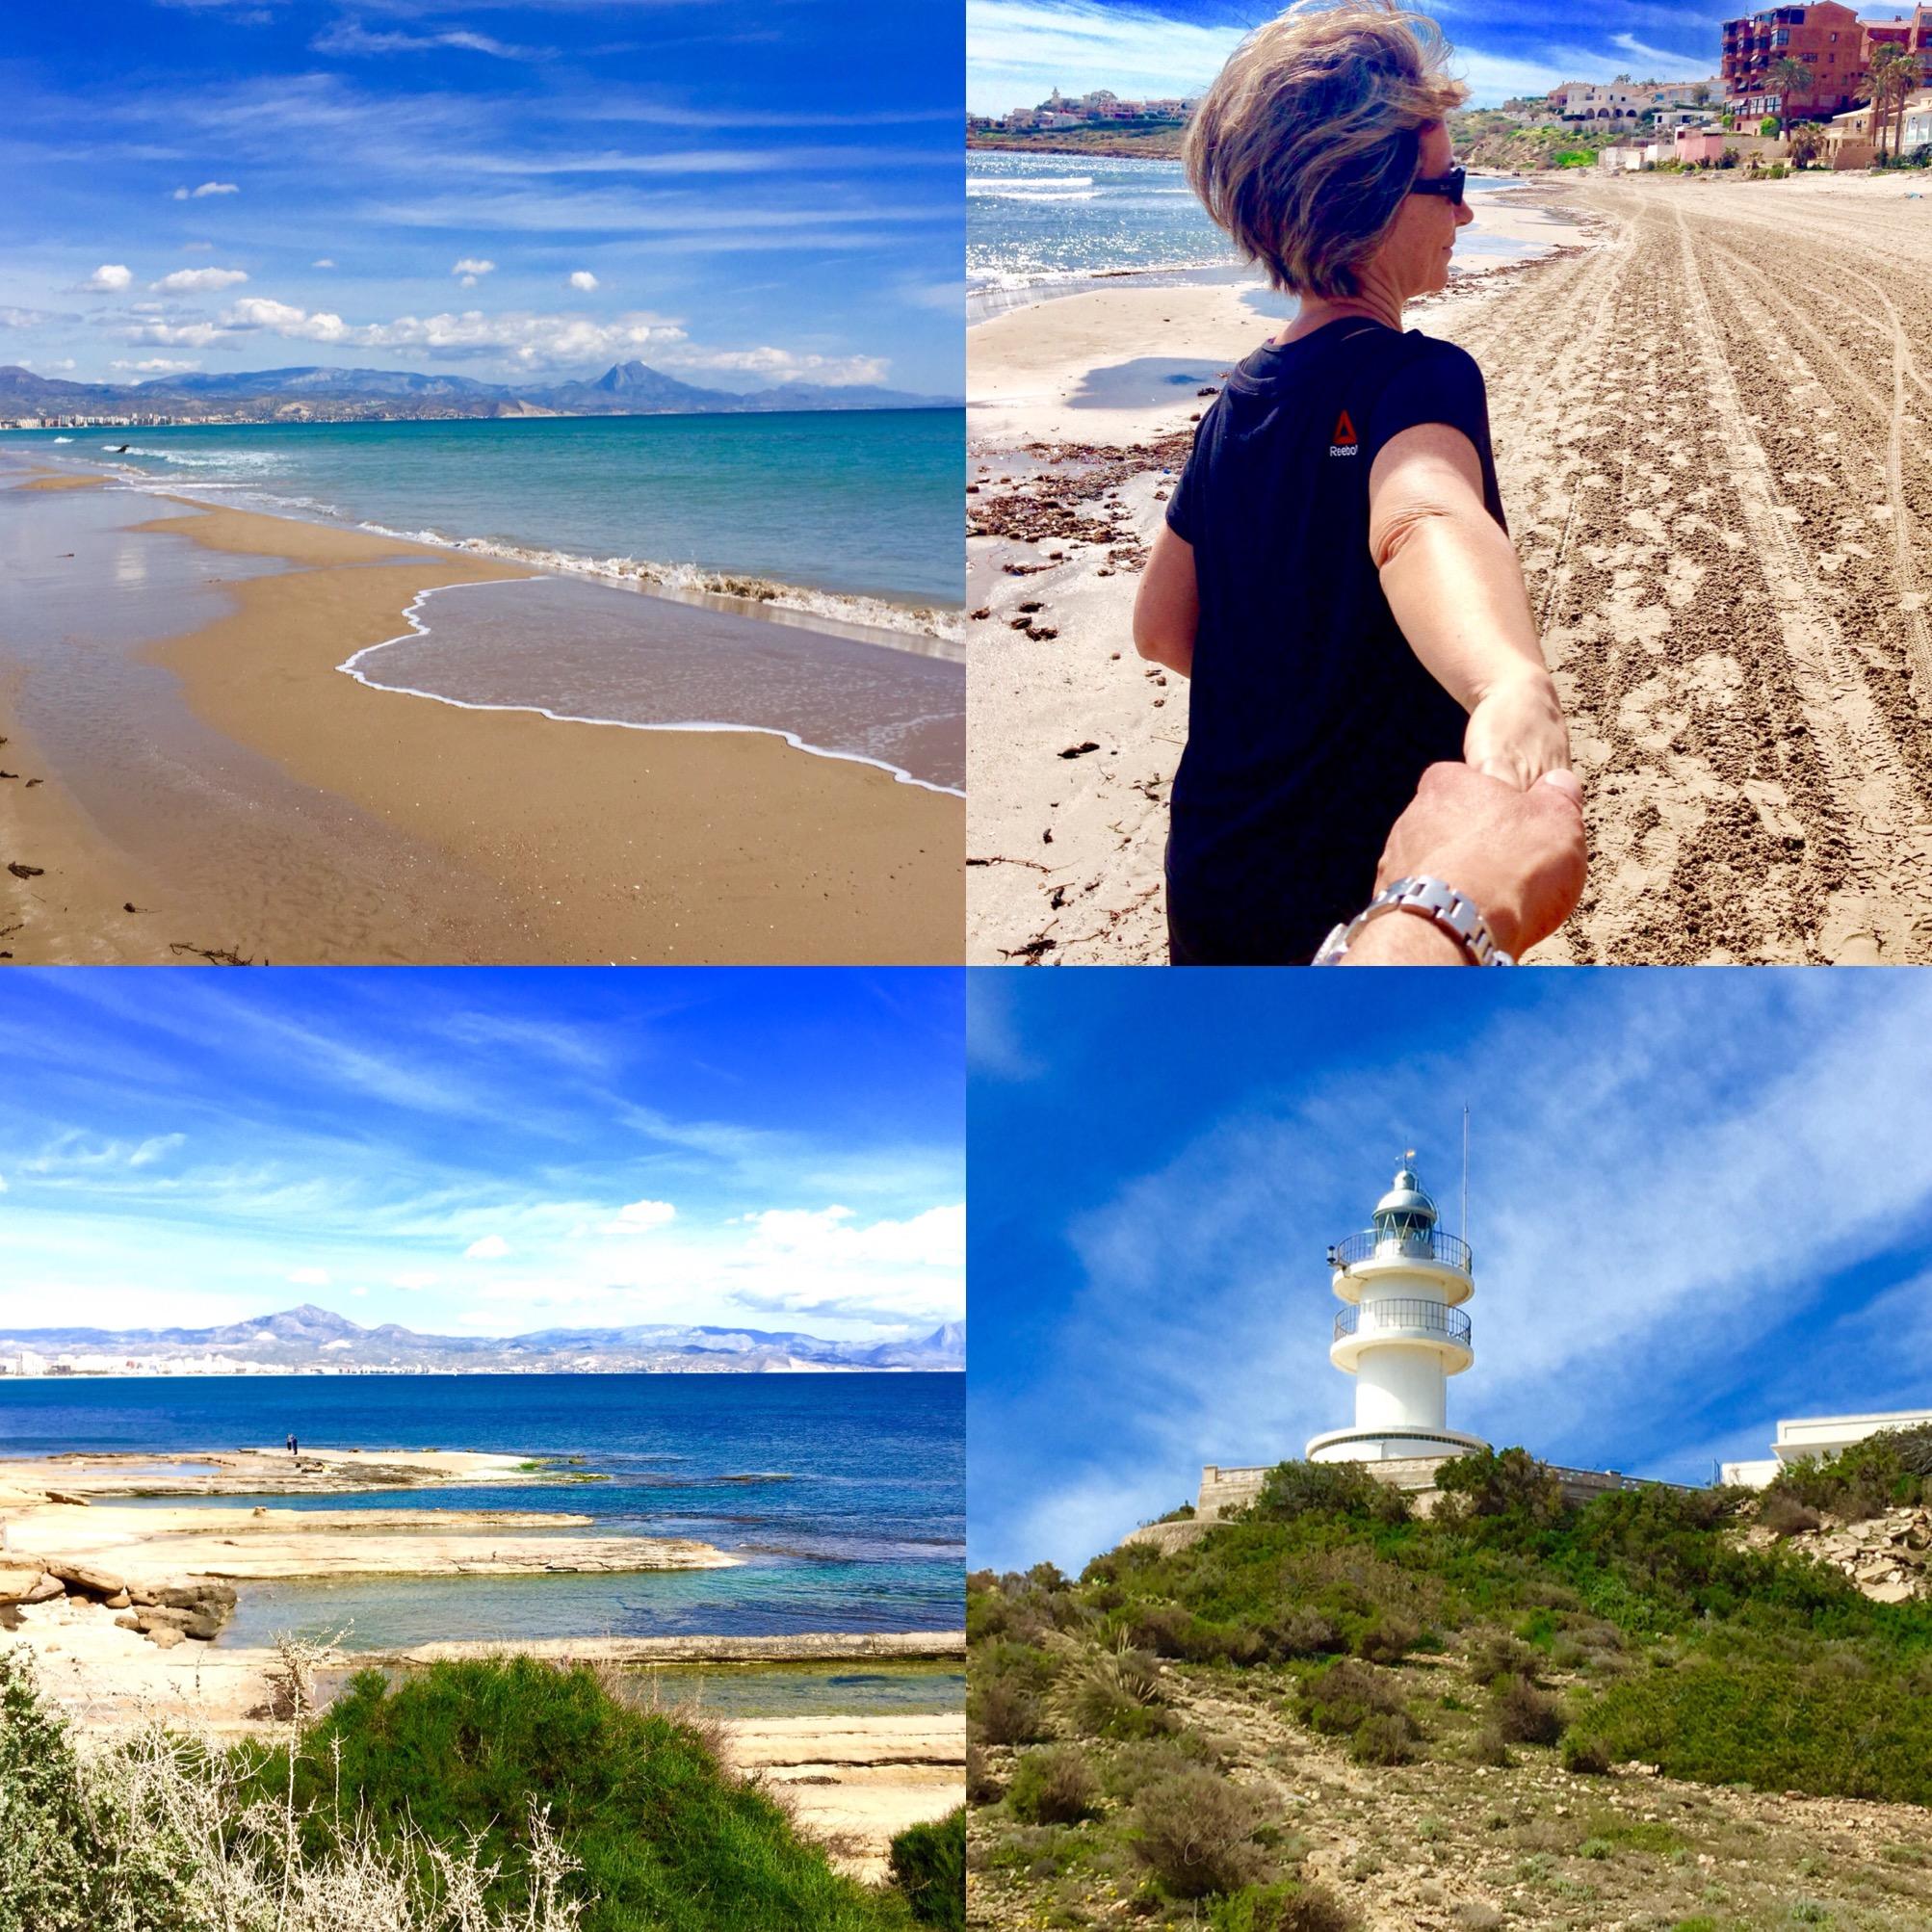 Ruta de Senderismo por la playa de San Juan y Cabo de las Huertas, Alicante